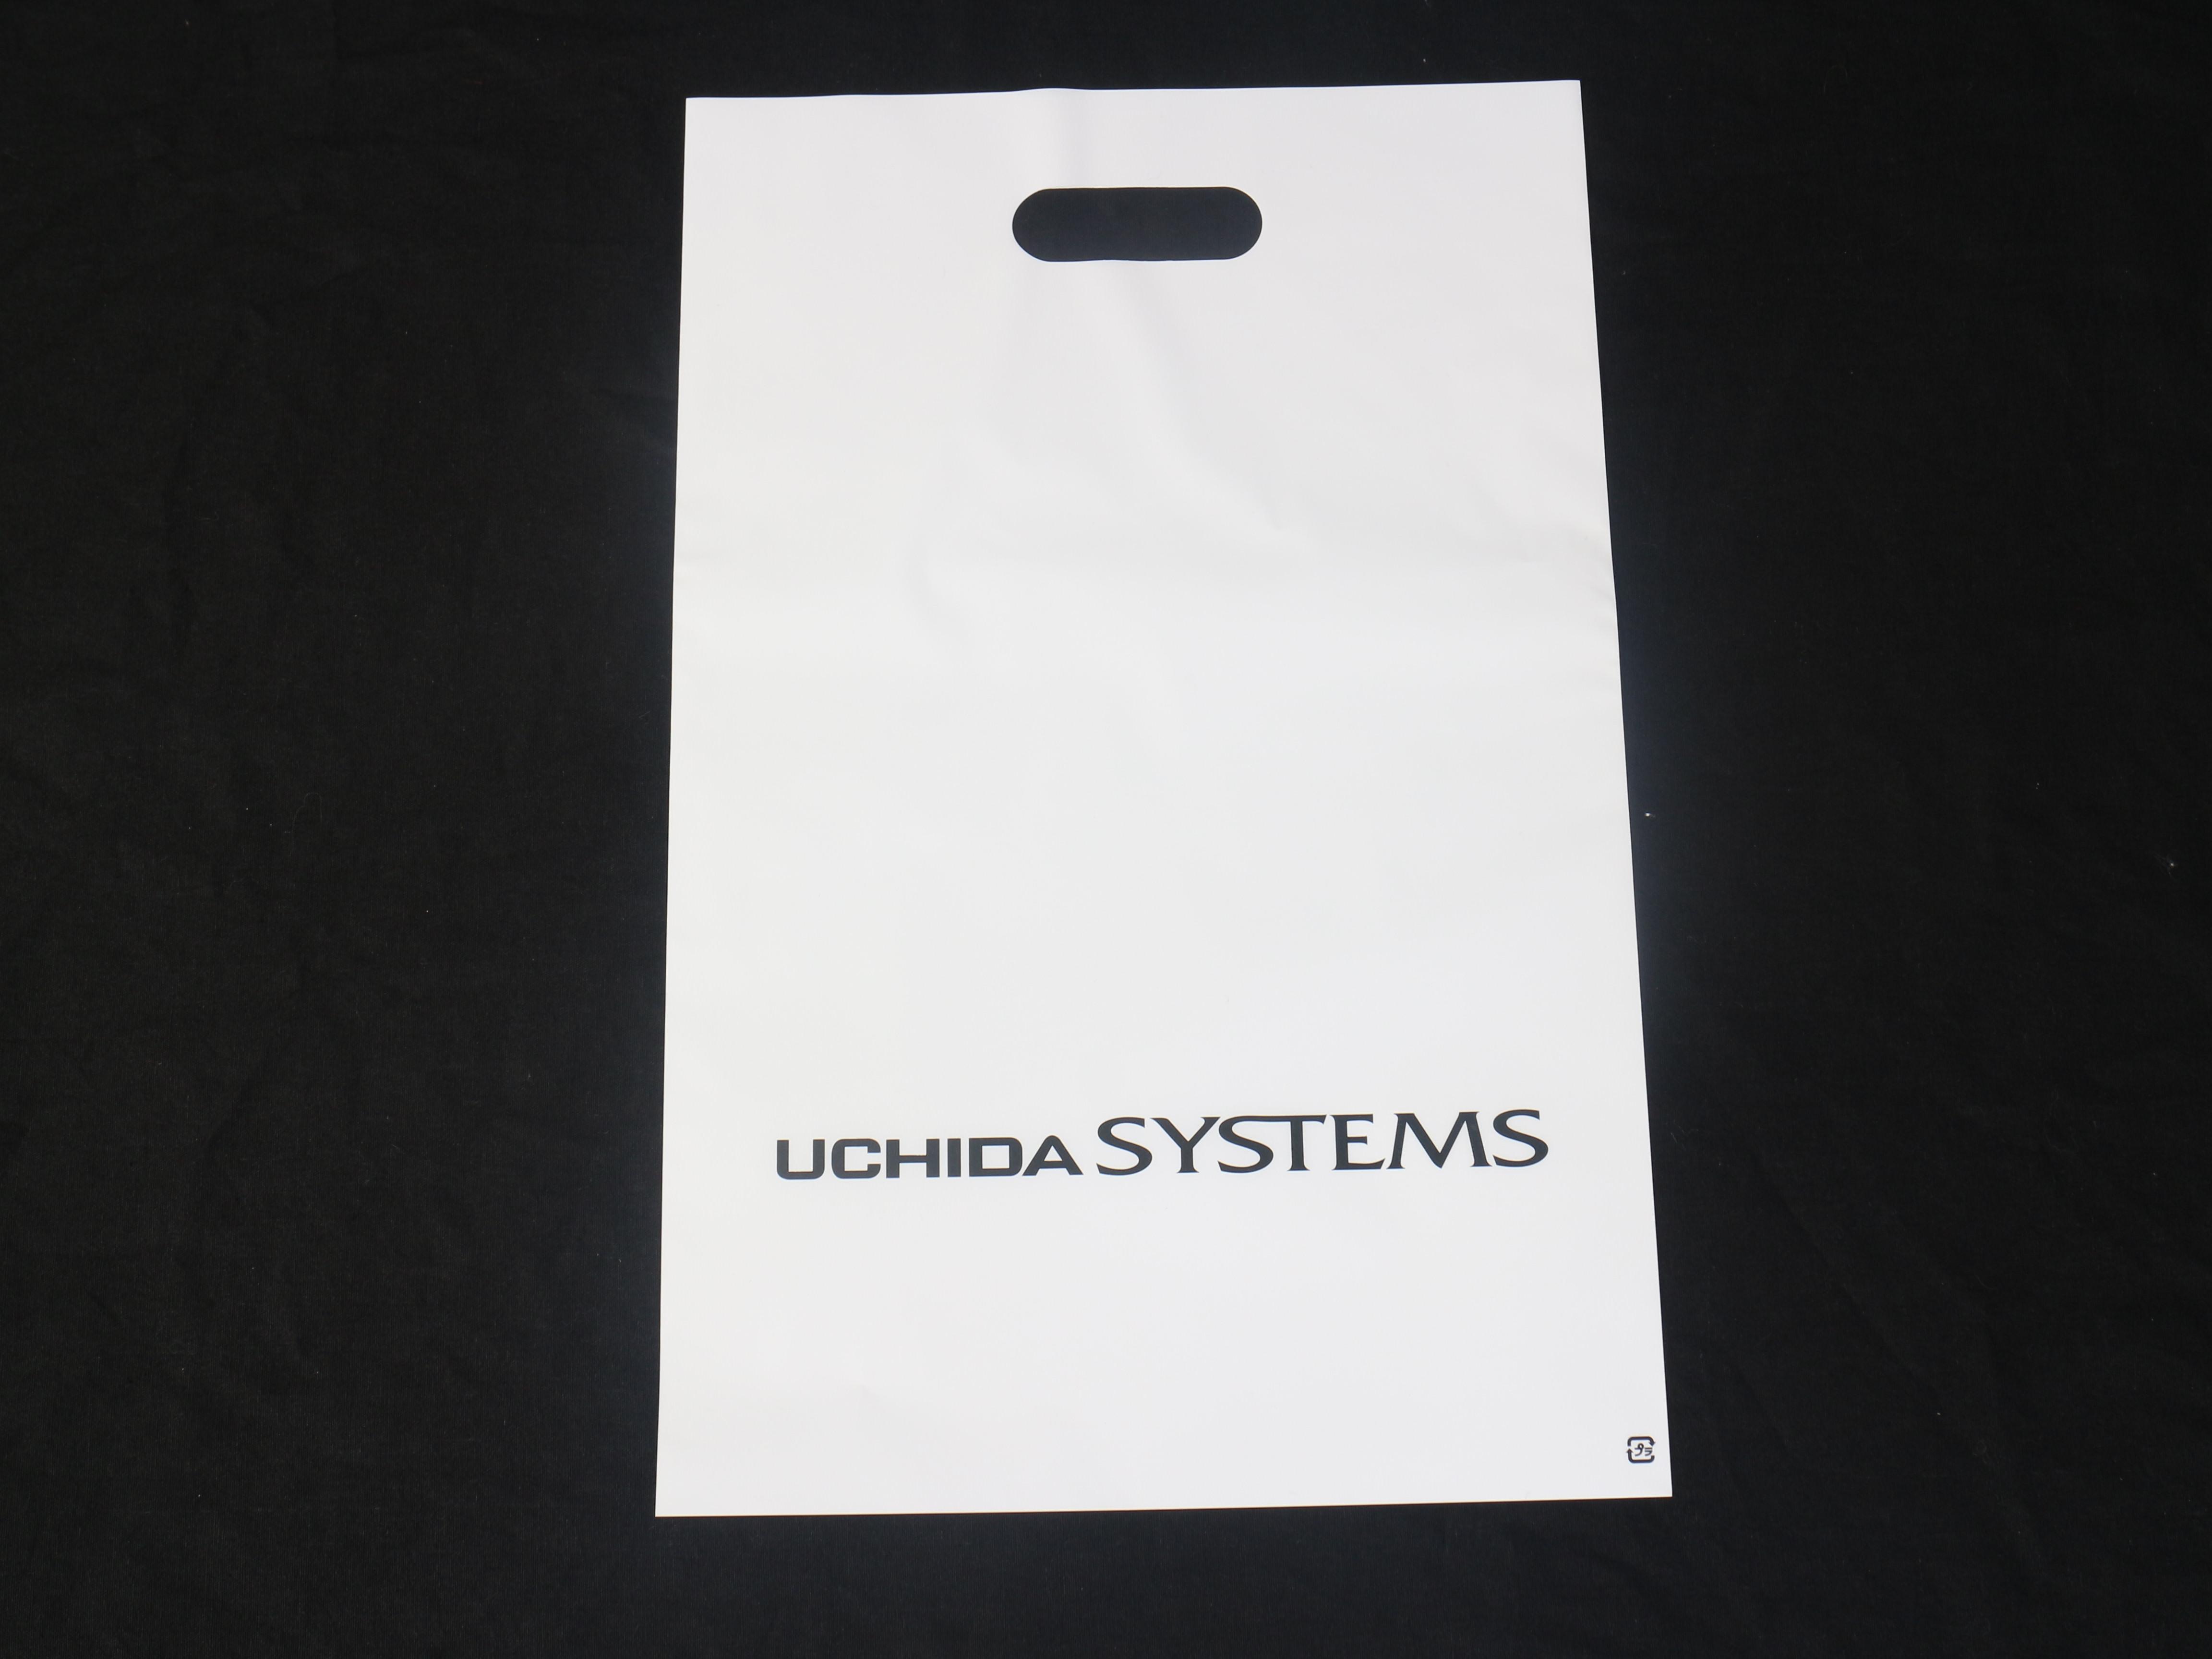 空間デザインとICTをご提案されています会社様のオリジナルポリ袋